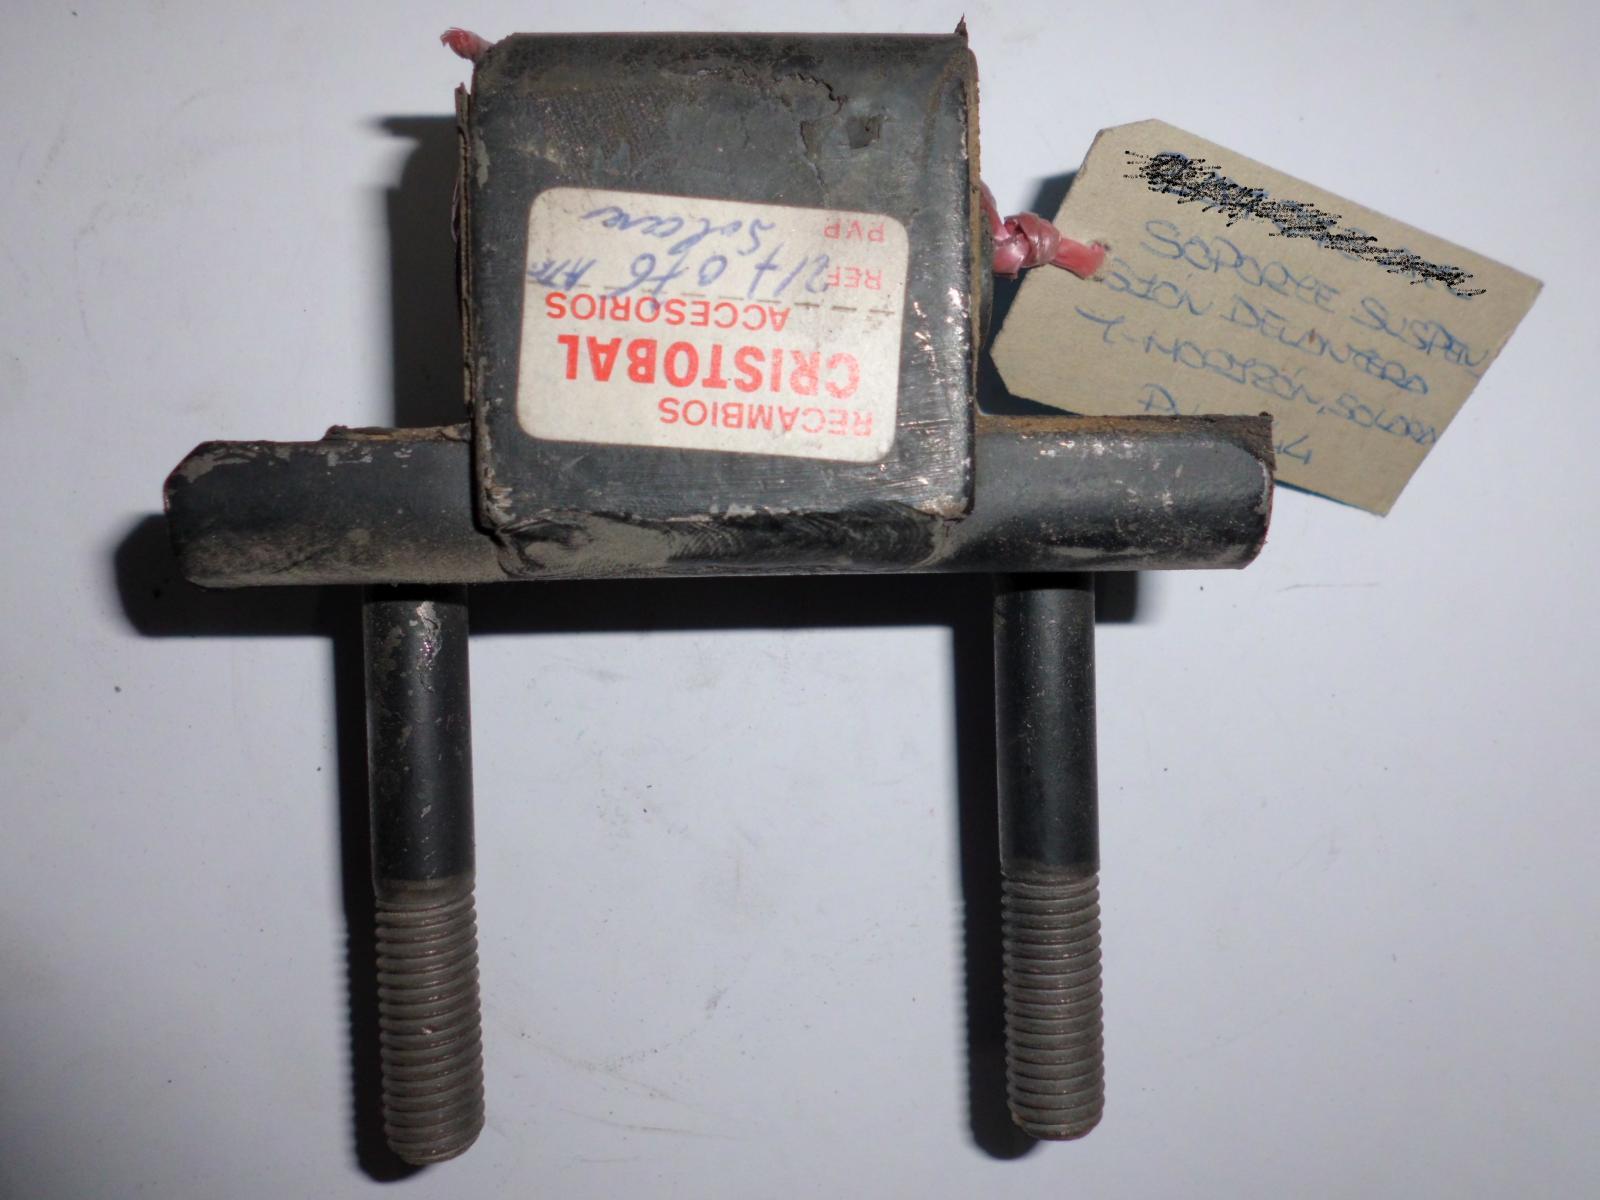 Soporte suspensión de Talbot Horizon y Talbot Solara.